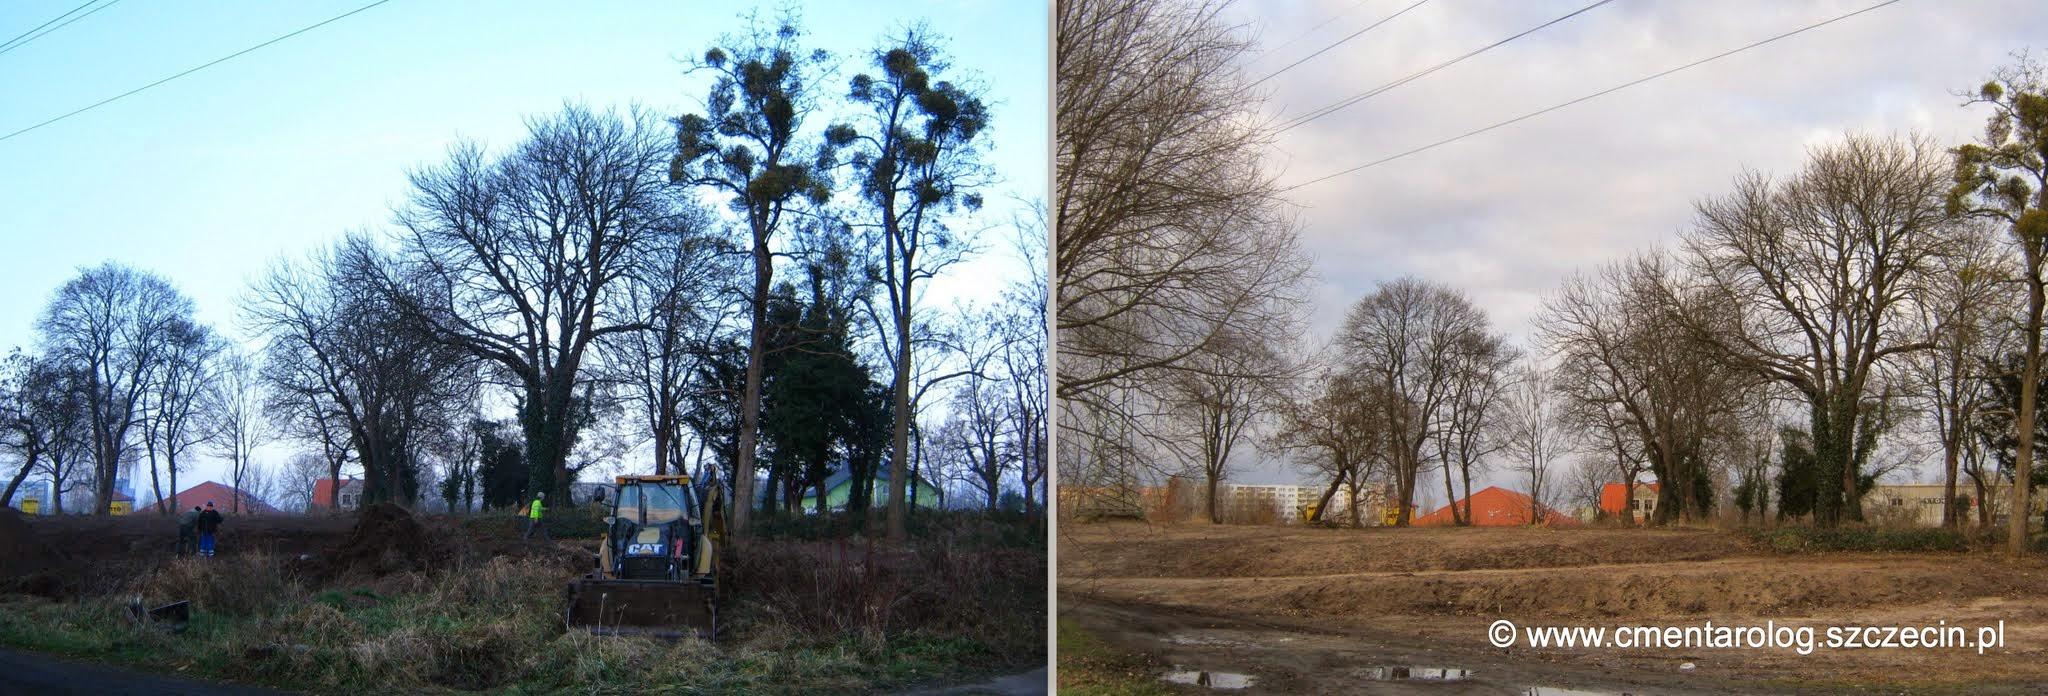 Zdjęcie z 4.12.2014 r. (po lewej) i 14.01.2015 r. (po prawej)